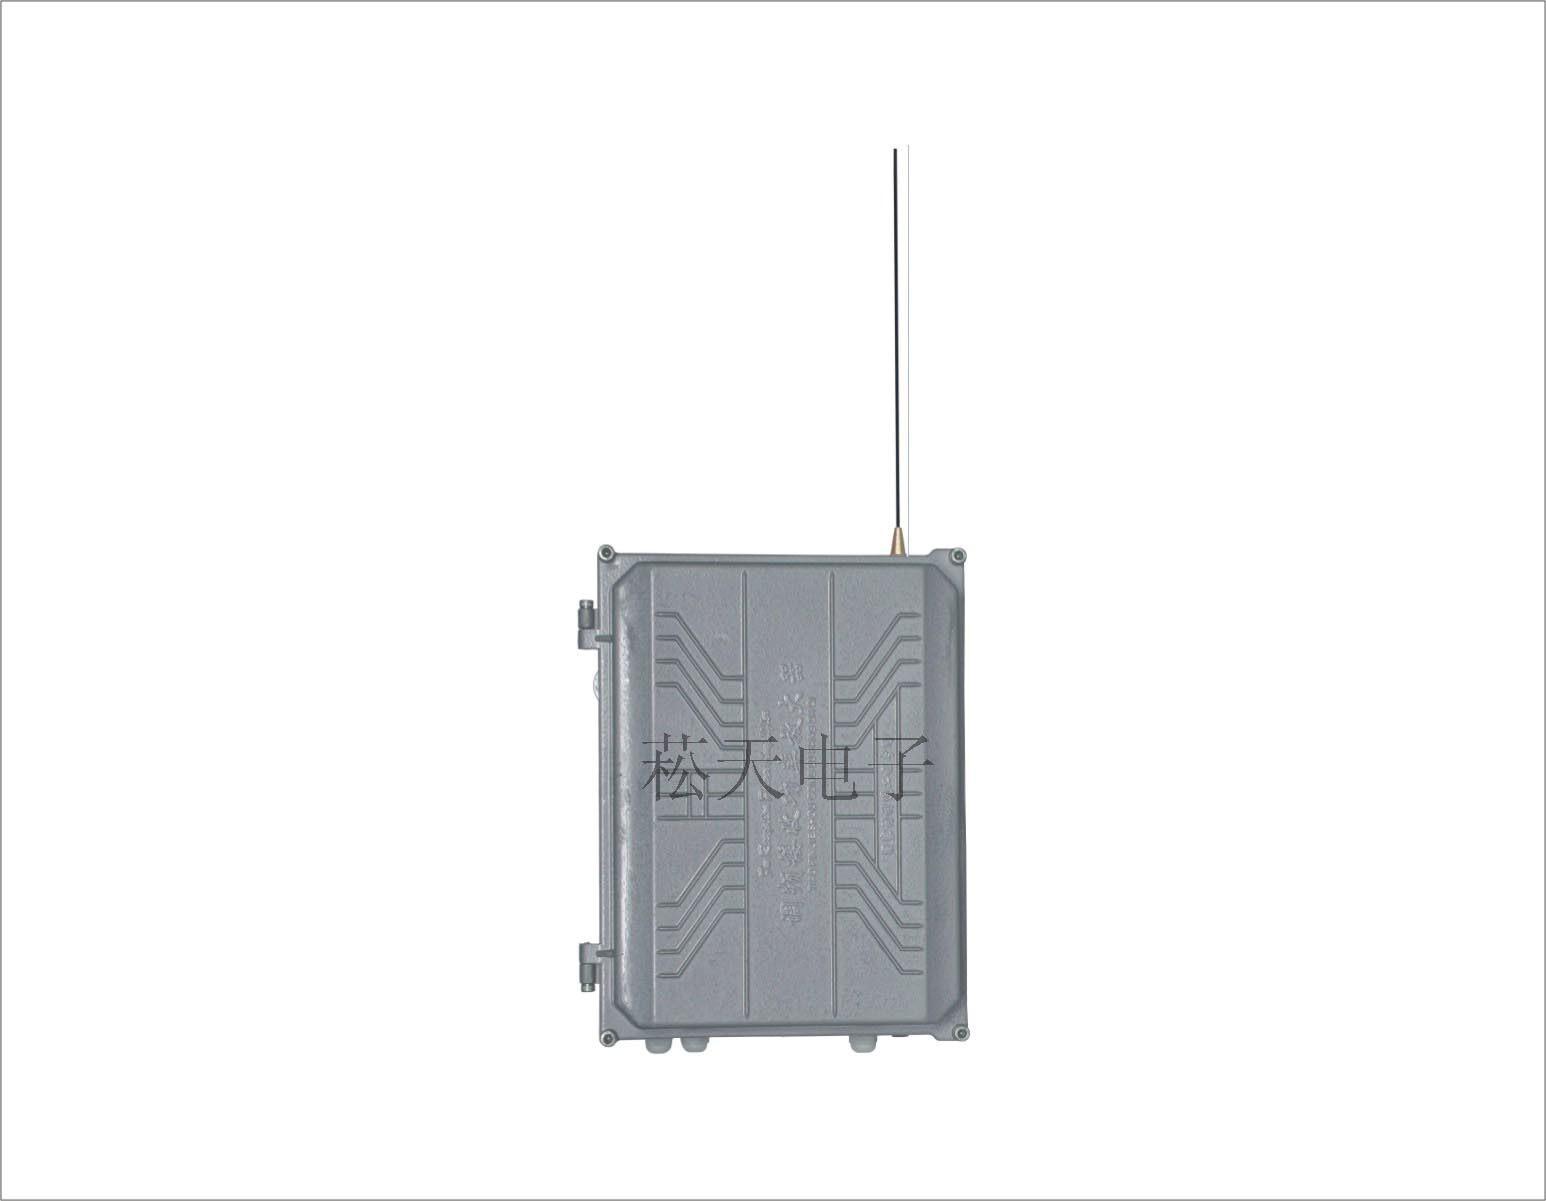 定频接收音频功率放大器